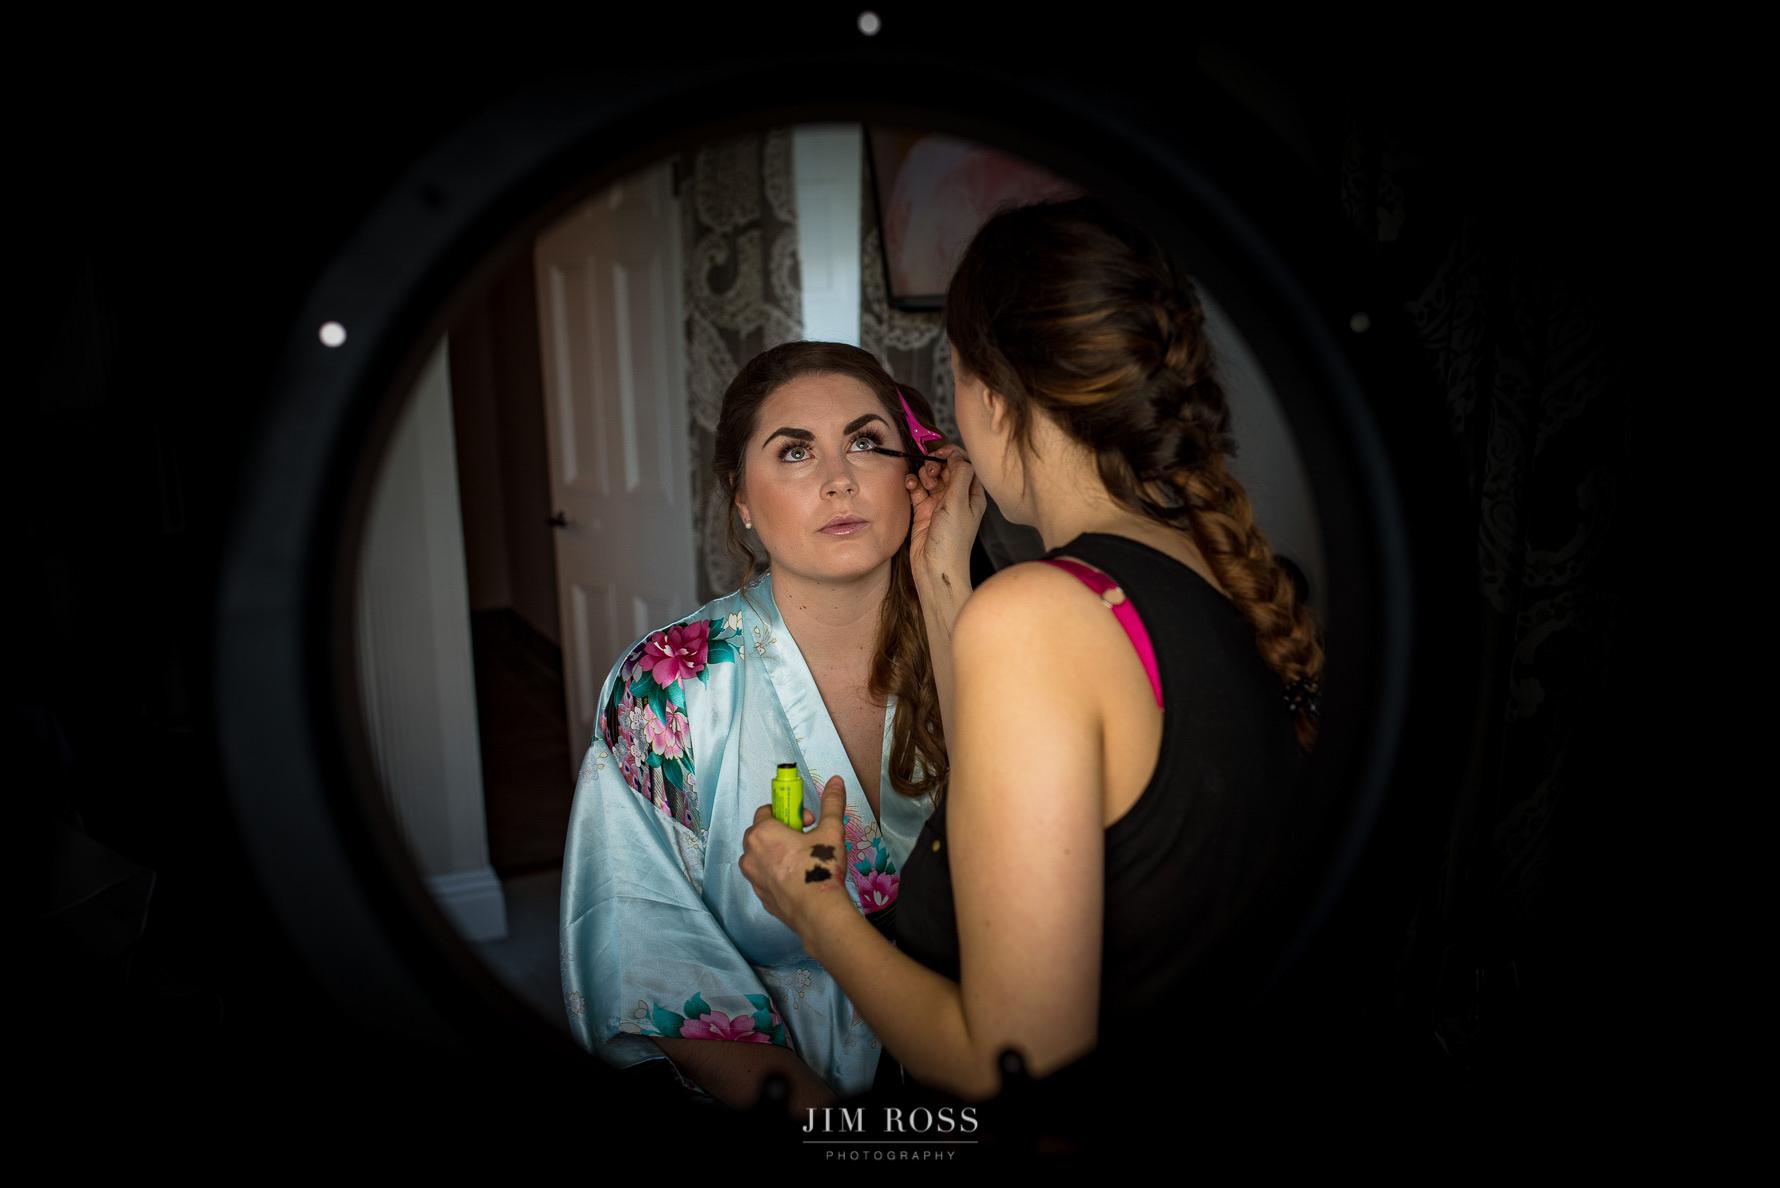 Makeup through artist's light